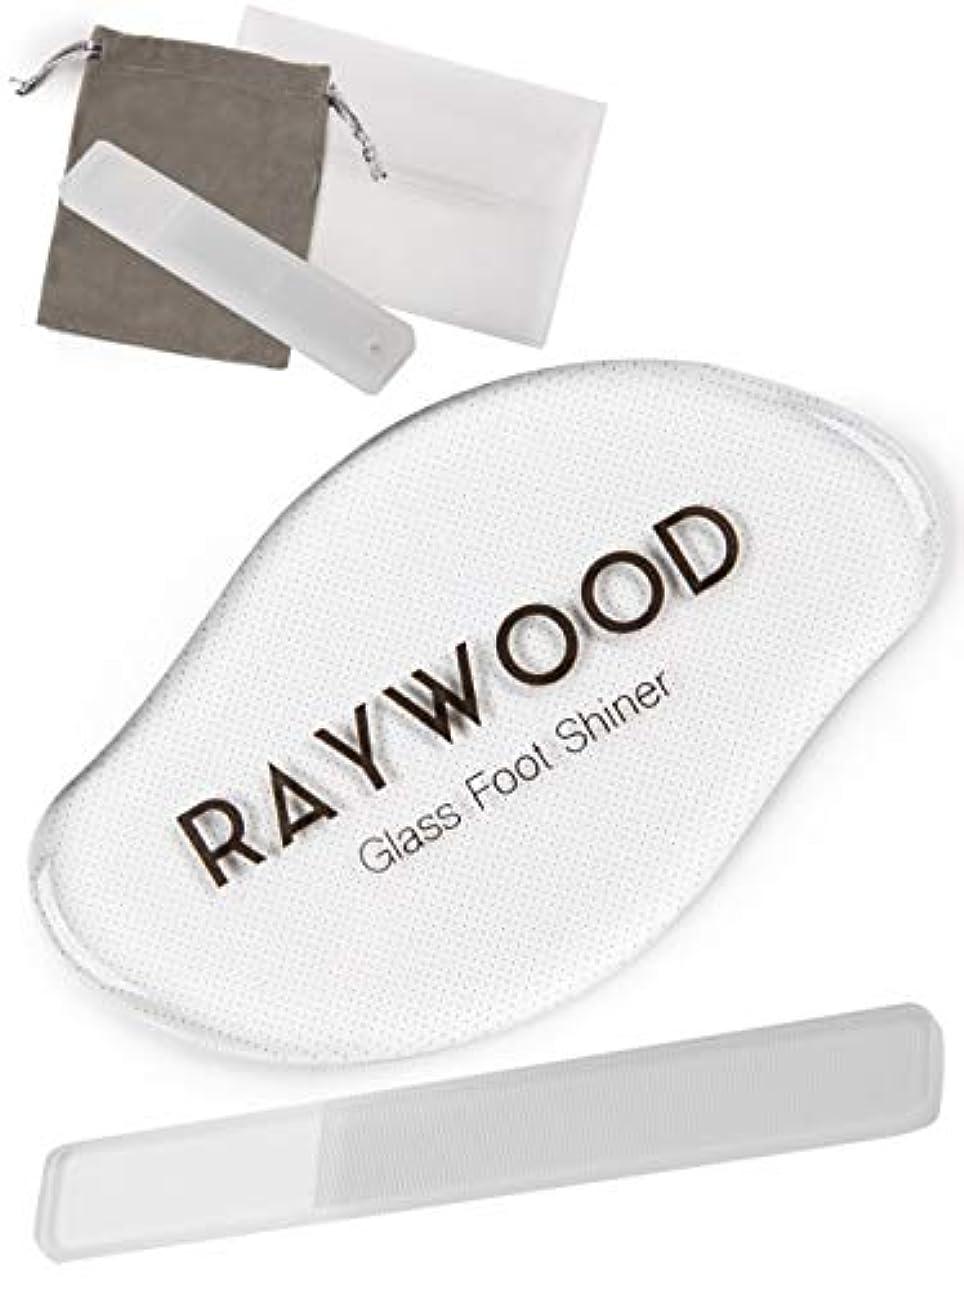 バン続けるうまれたレイウッド かかと削り ガラス かかと 角質取り 角質 除去 足 ナノガラス 爪磨き 携帯 セット 専用ケース付き